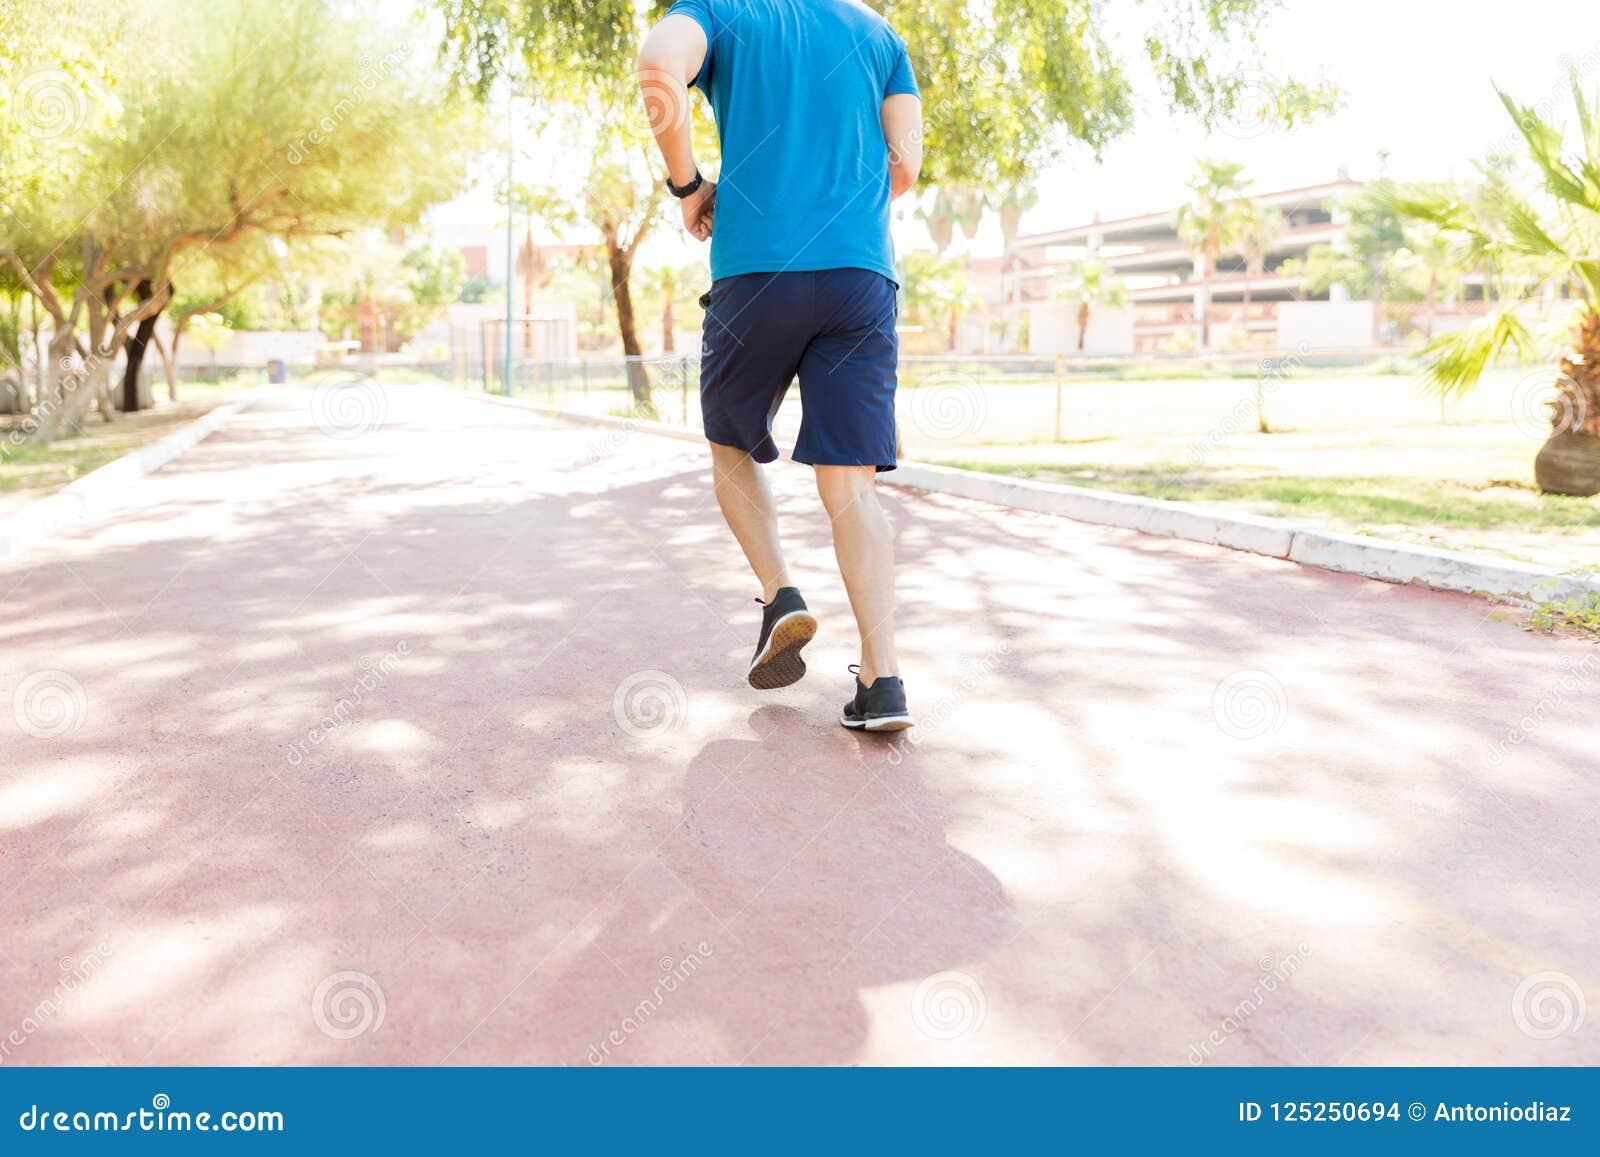 Formation de taqueur sur le sentier piéton pendant le Sunny Day In Park